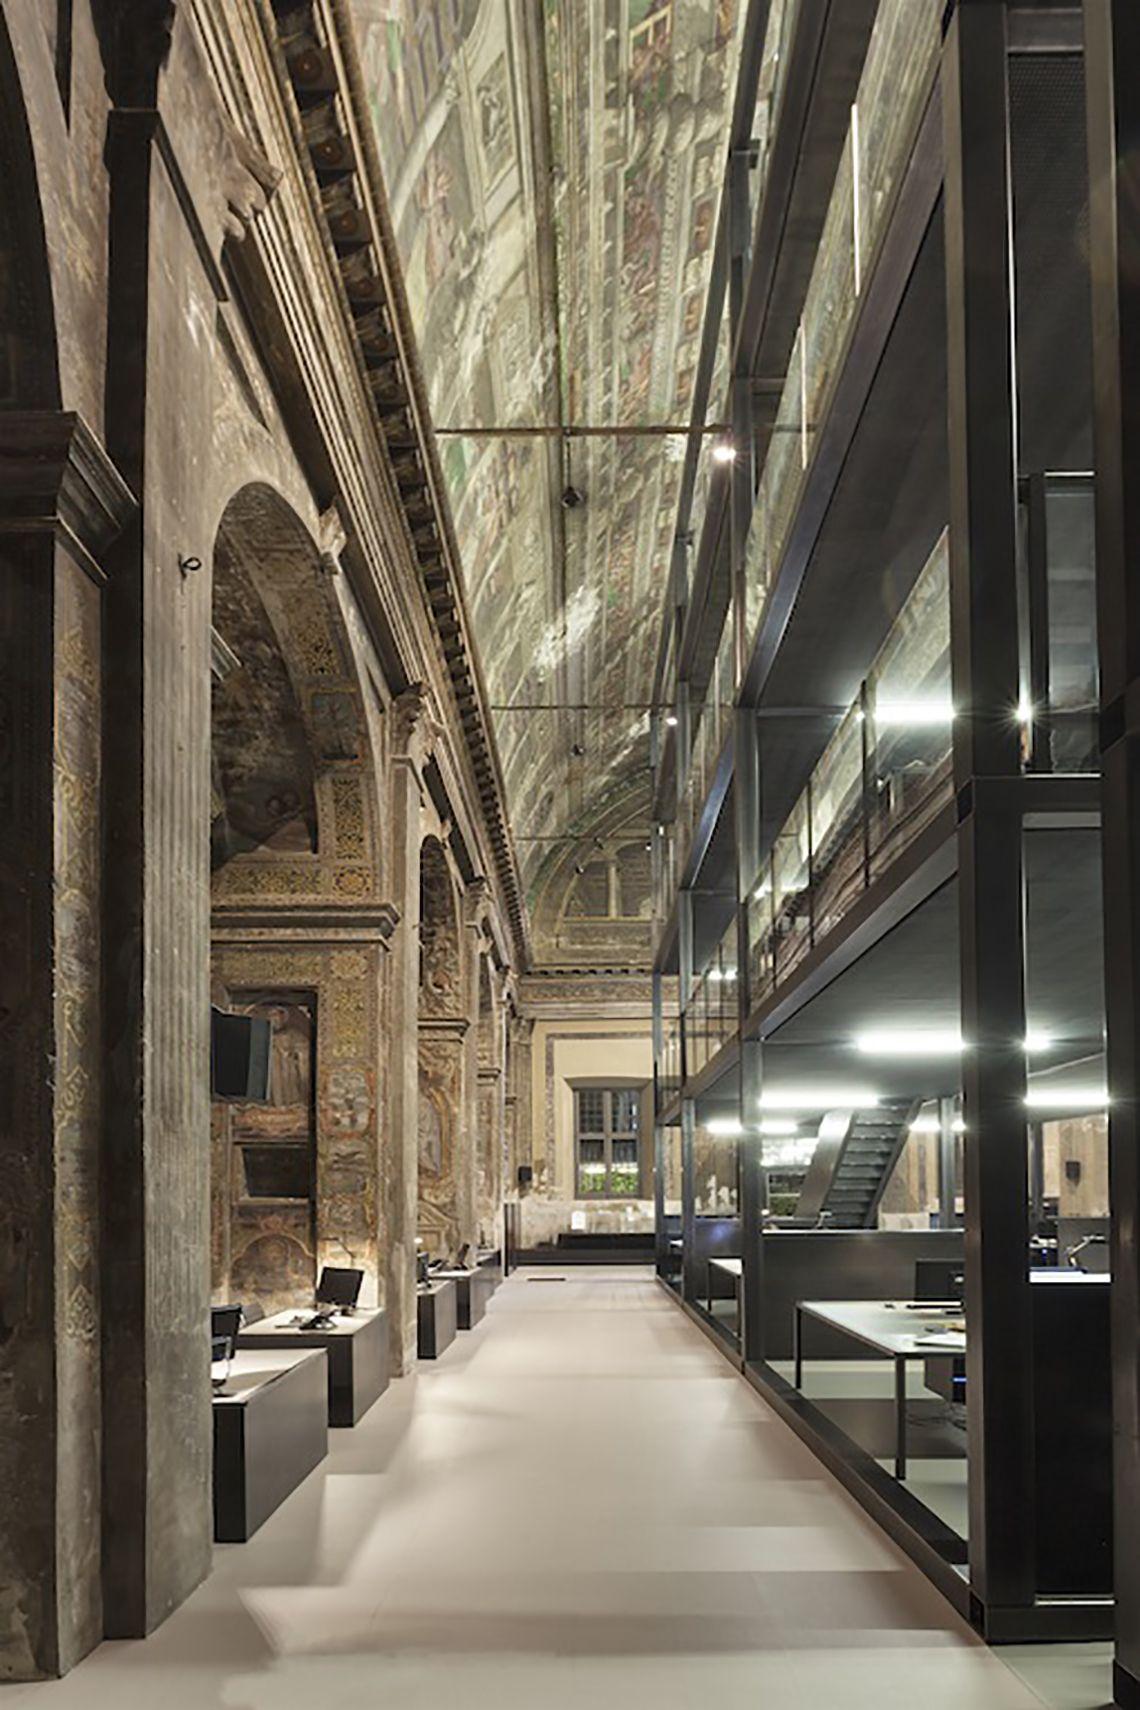 Chiesa san paolo converso cls architetti studio milano for Service design milano